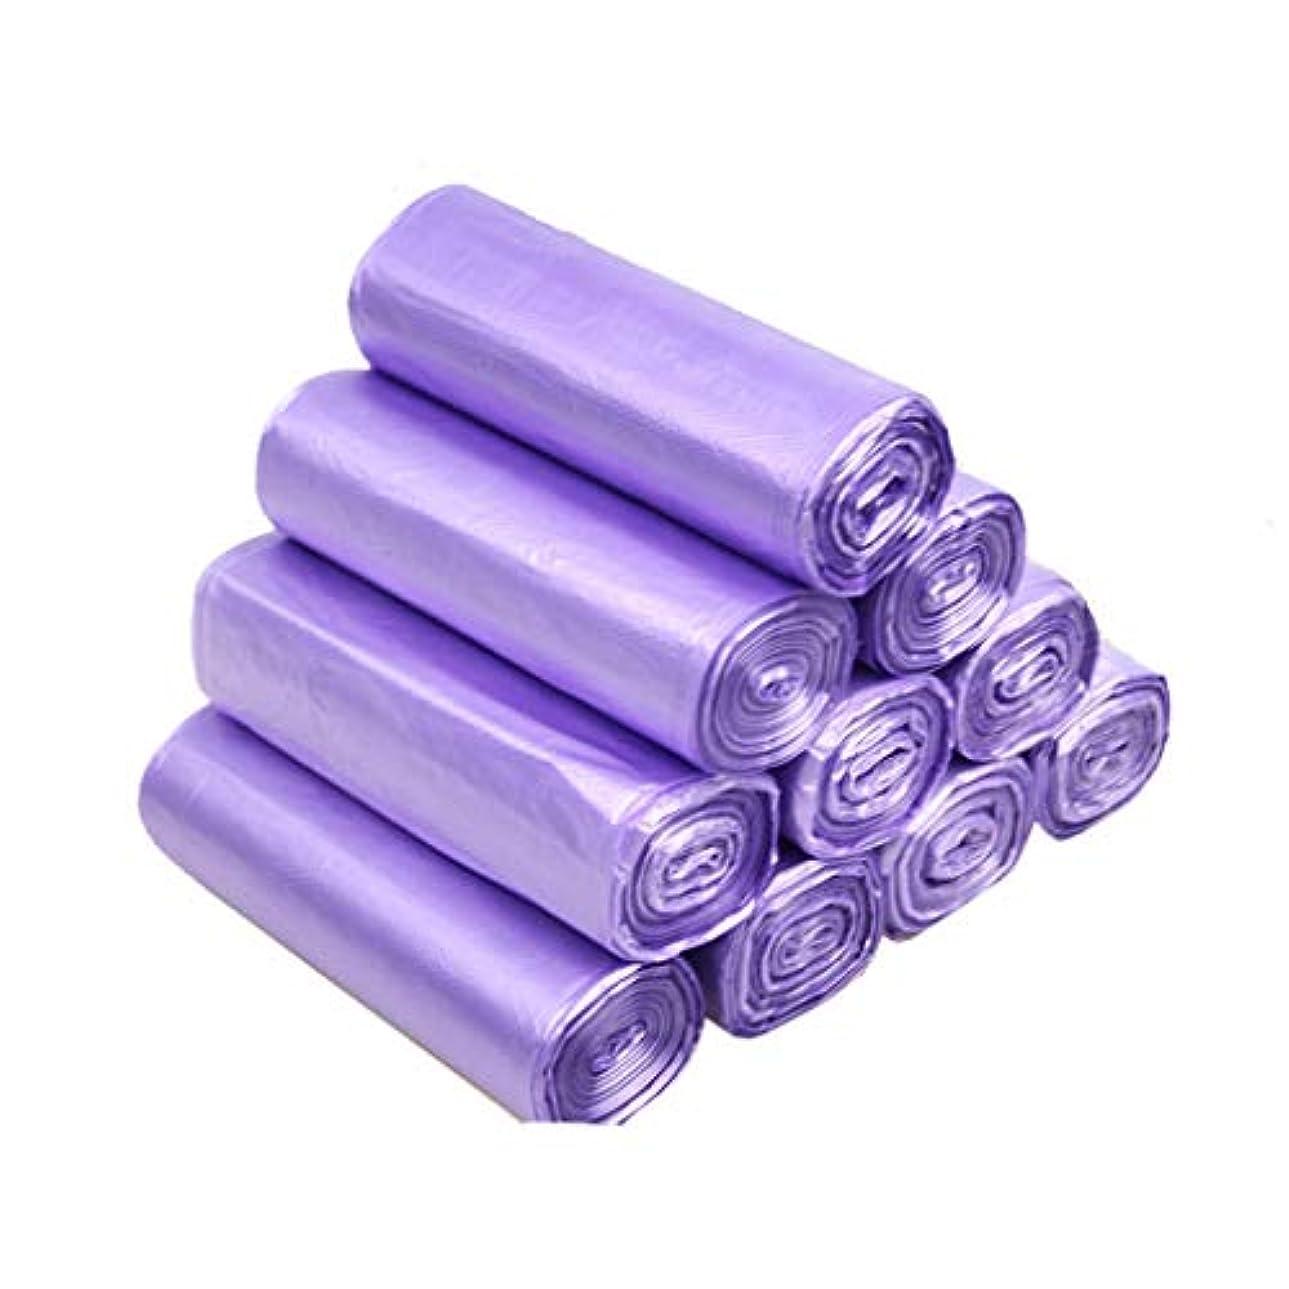 千電気の柔和家庭用ゴミ袋ペダル袋小箱ヘビーデューティ長方形箱なしゴミ袋クロージングゴミ袋ゴミ箱ゴミ袋PE食品ゴミ袋ゴミ袋(サイズ:45×50cm) (サイズ さいず : 10 rolls of incense 200 bags)